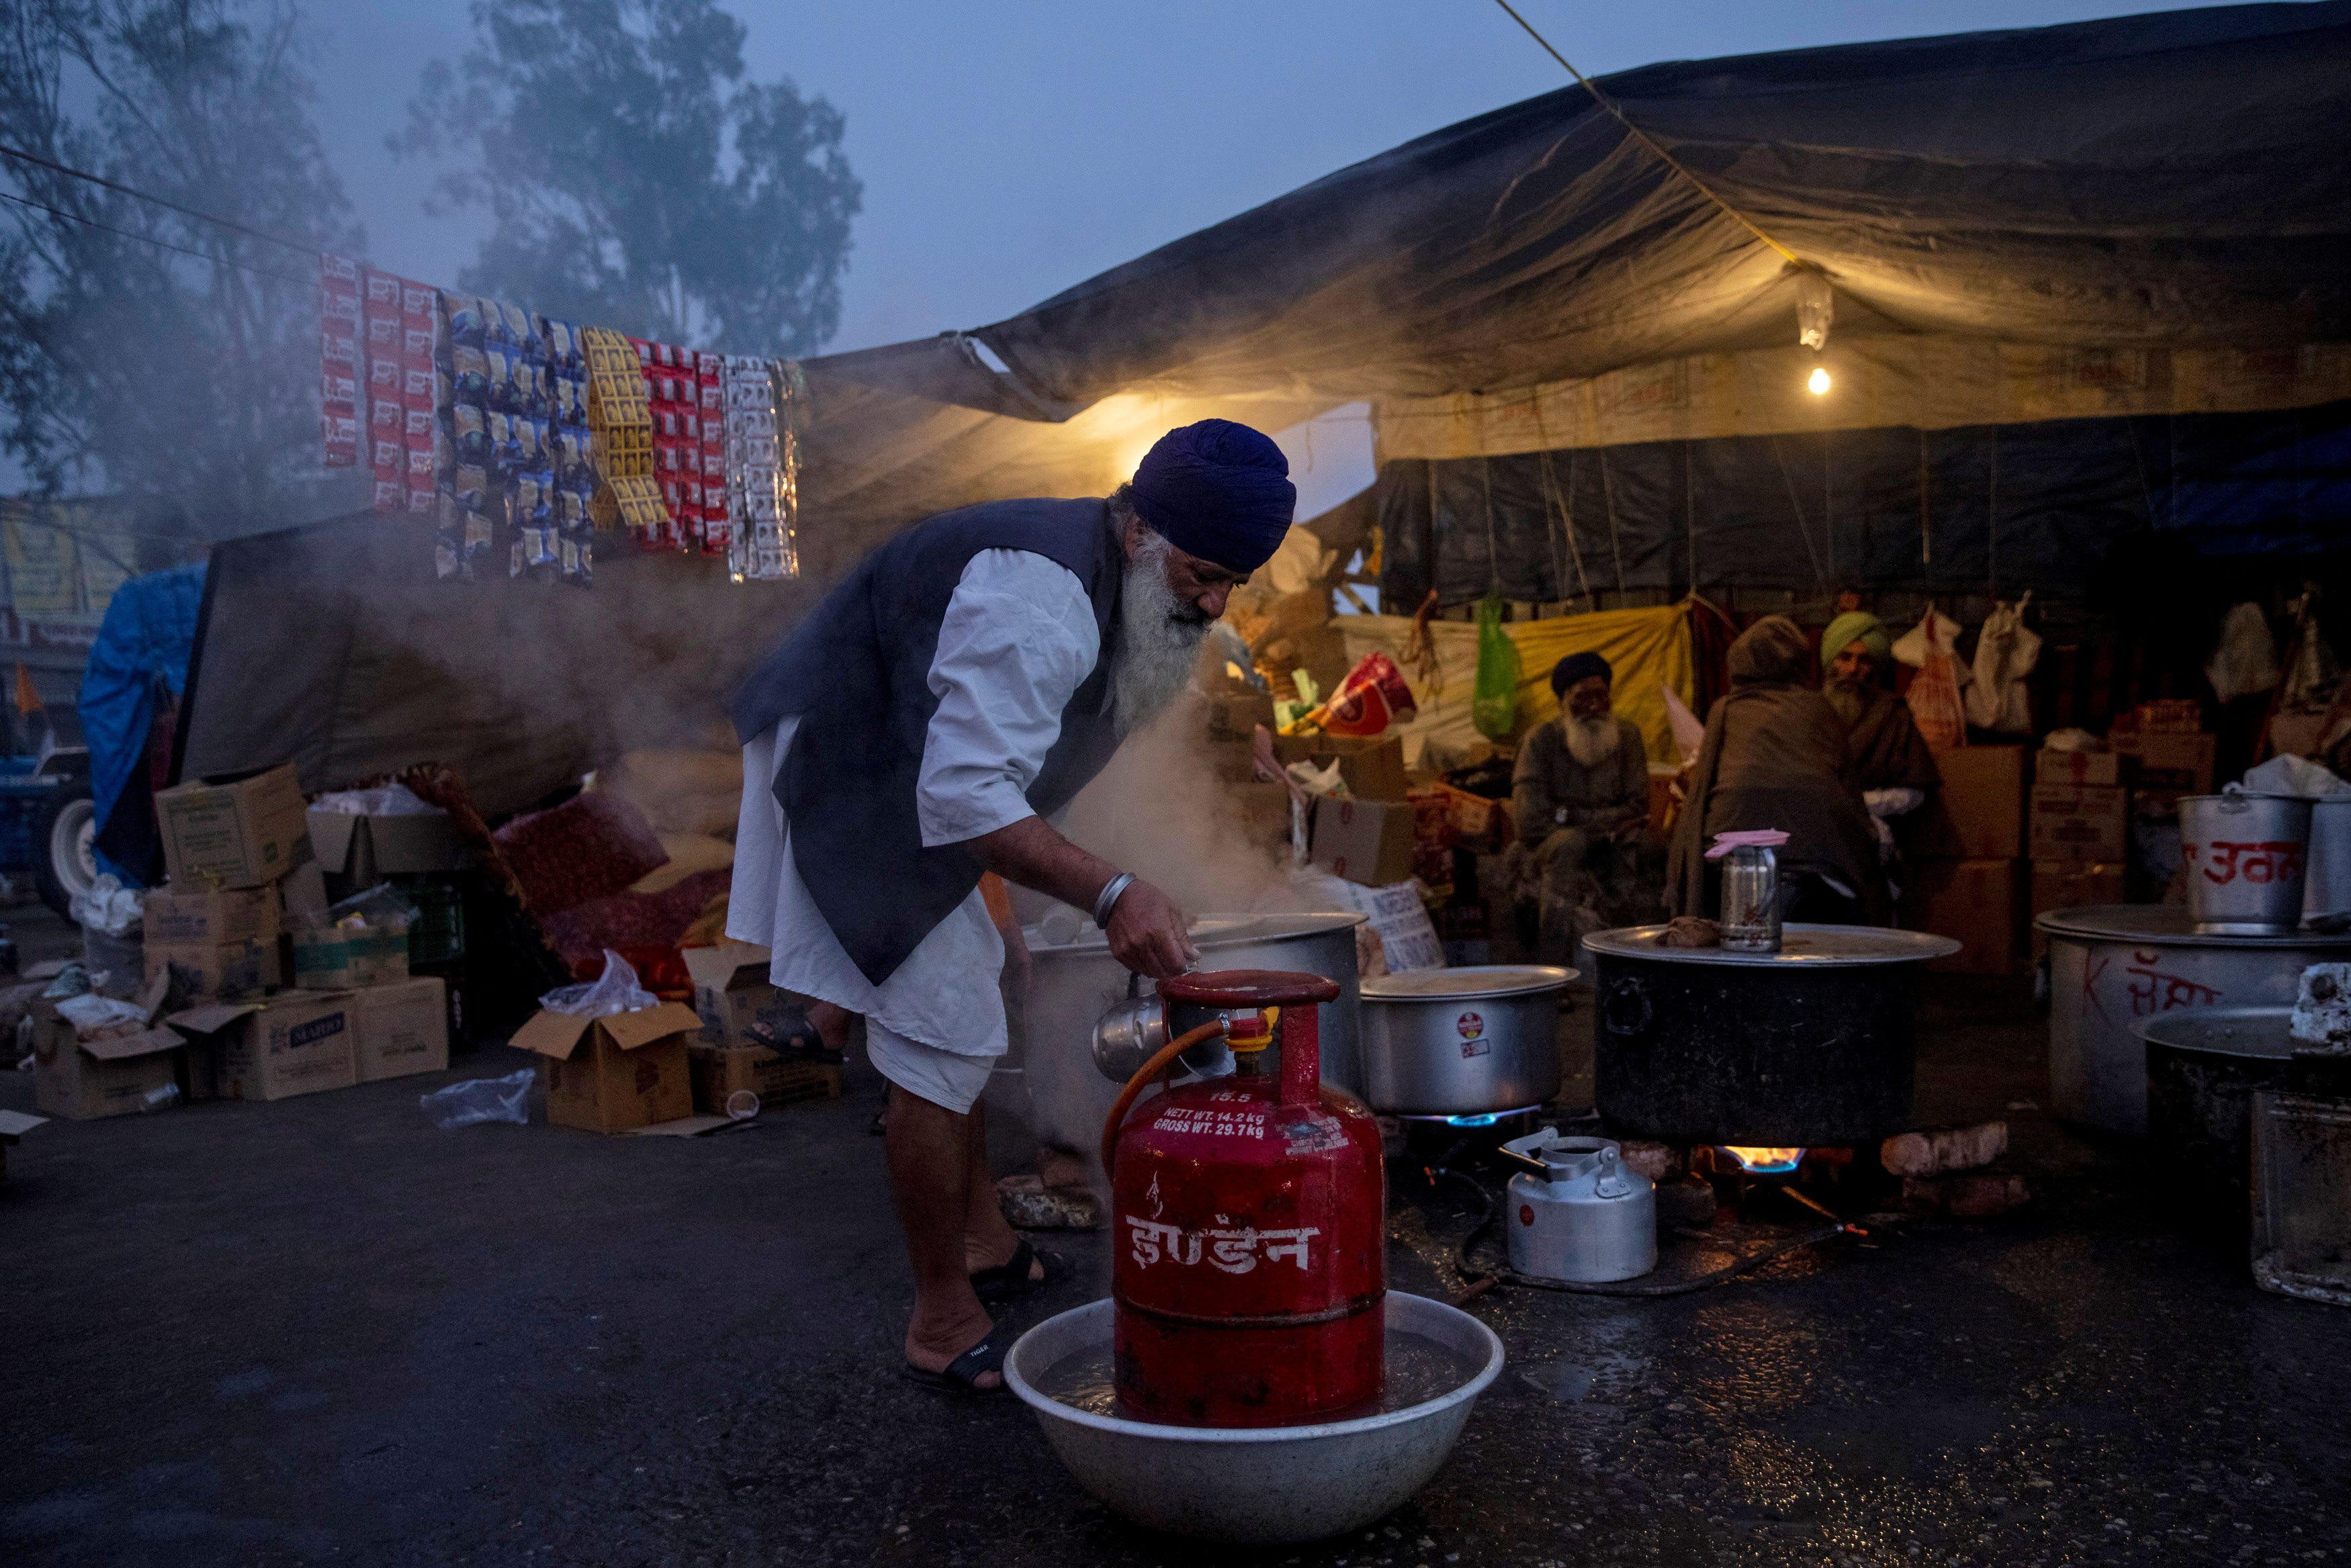 מחנה מחאה סמוך לניו דלהי / צילום: Danish Siddiqui